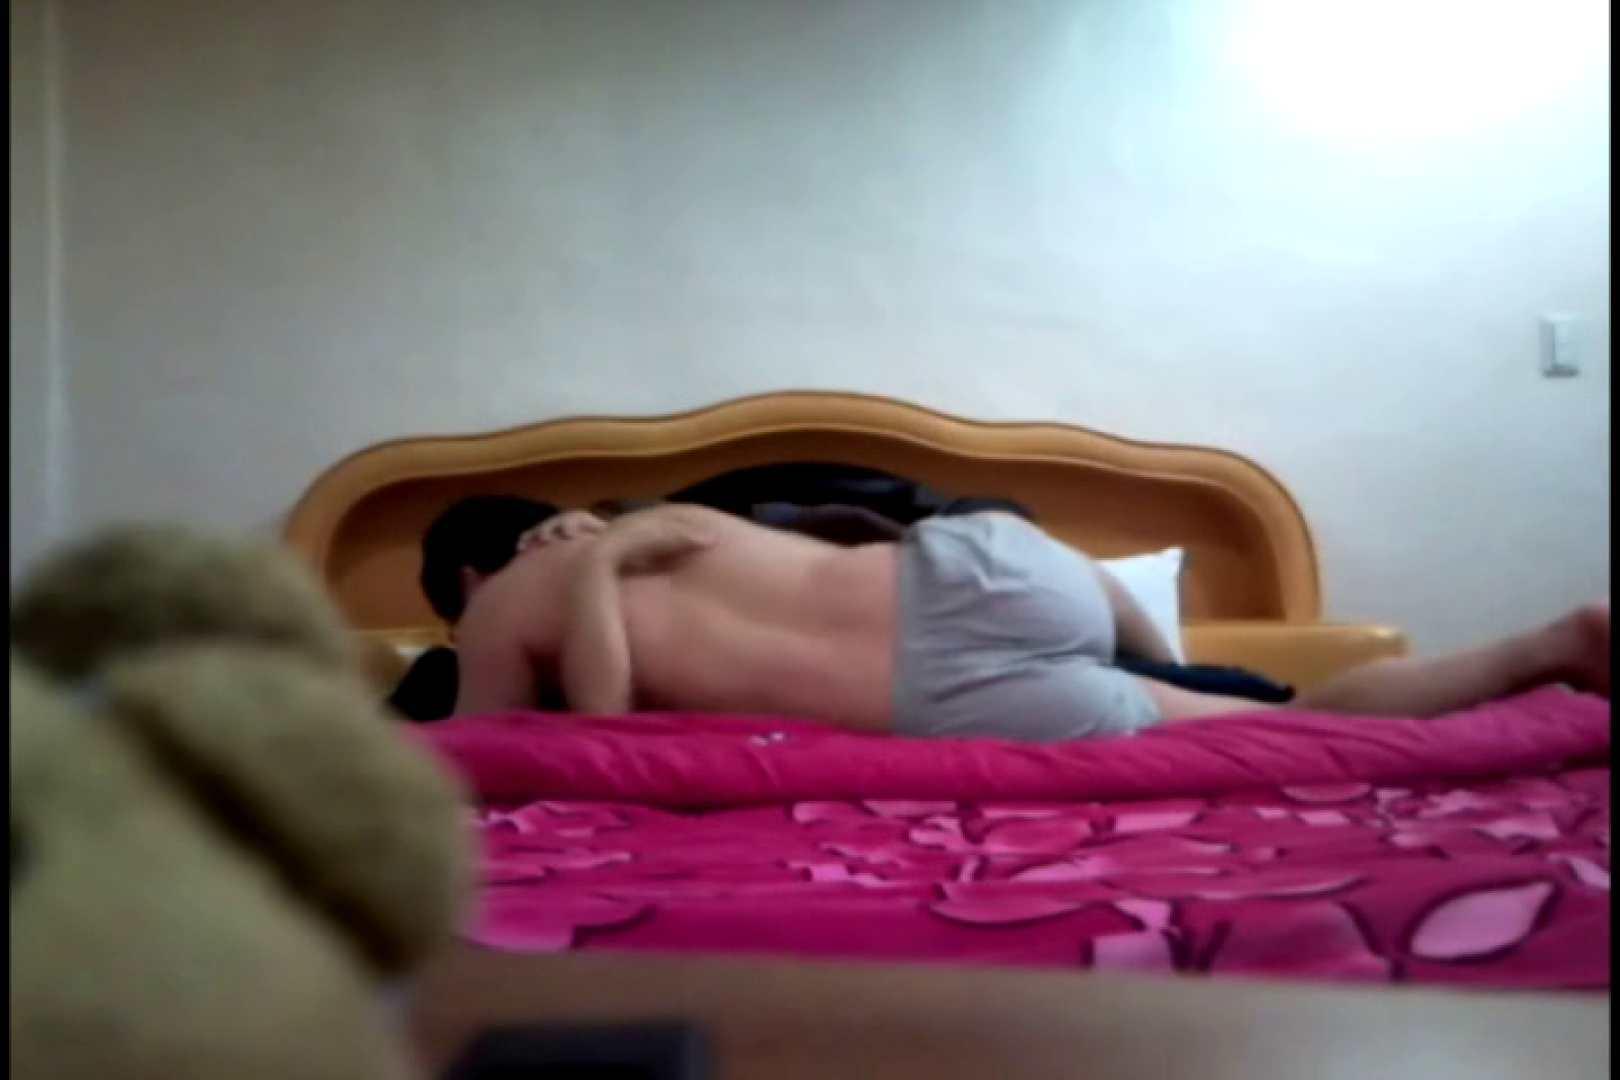 コリアン素人流出シリーズ ラブホテル隠し撮り ラブホテル | 流出作品  86pic 11